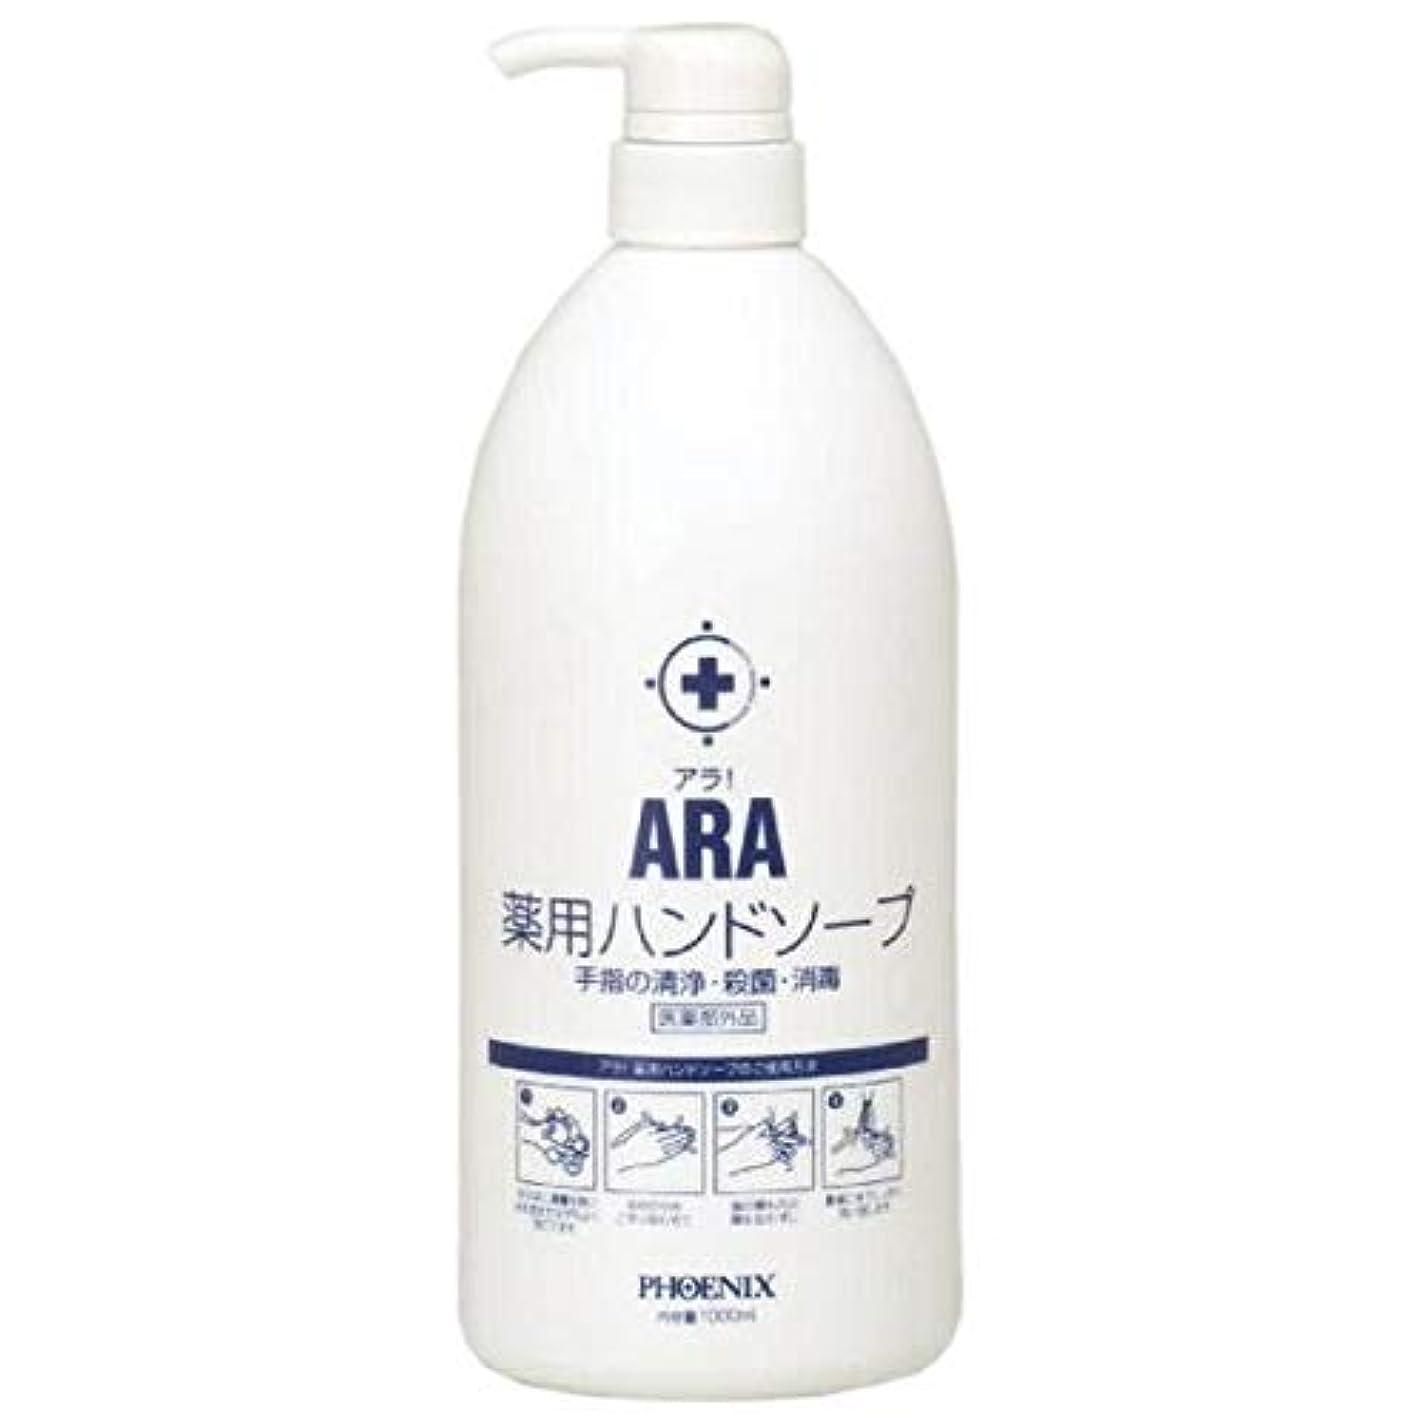 対摂氏度用心するARA 薬用ハンドソープ(ボトルタイプ) 1000ml×10本入